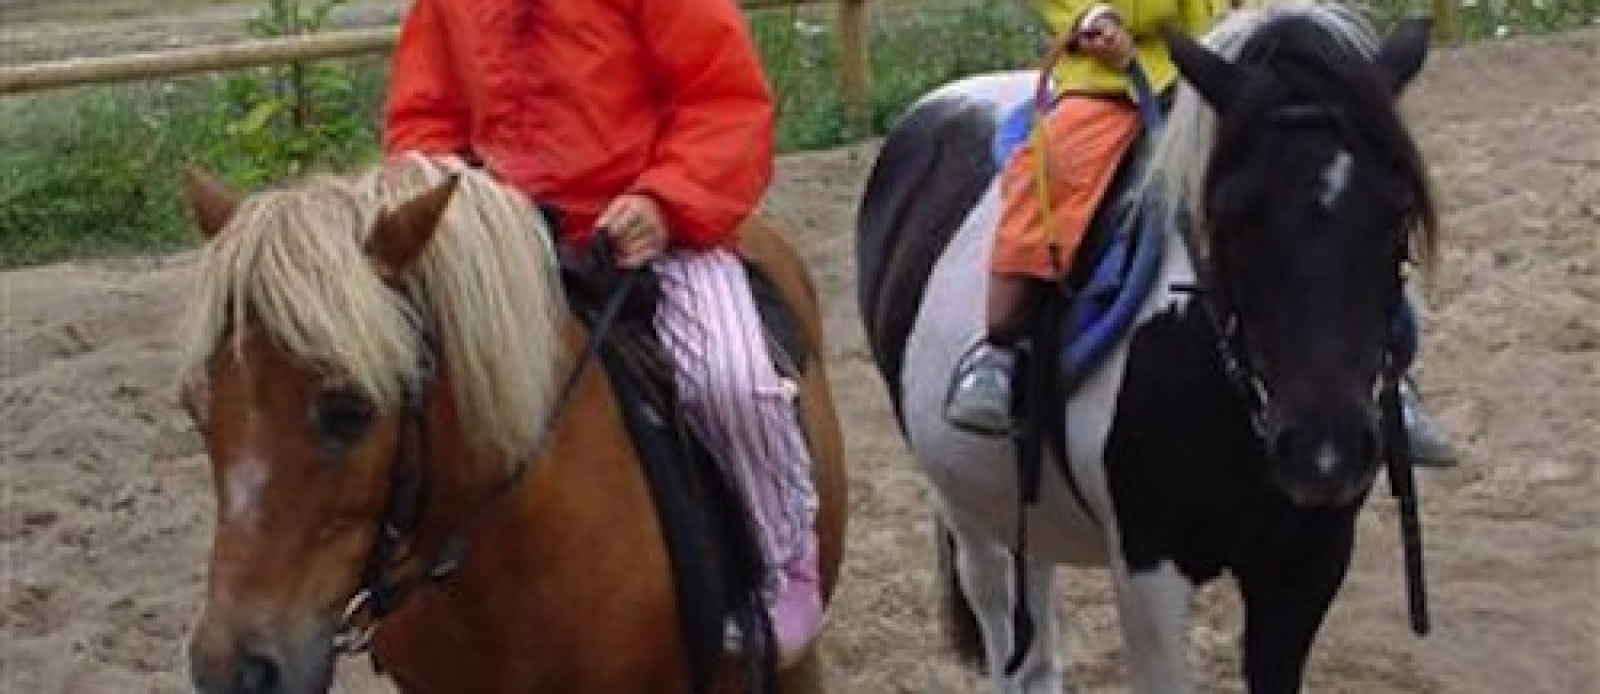 cavalerie poneys